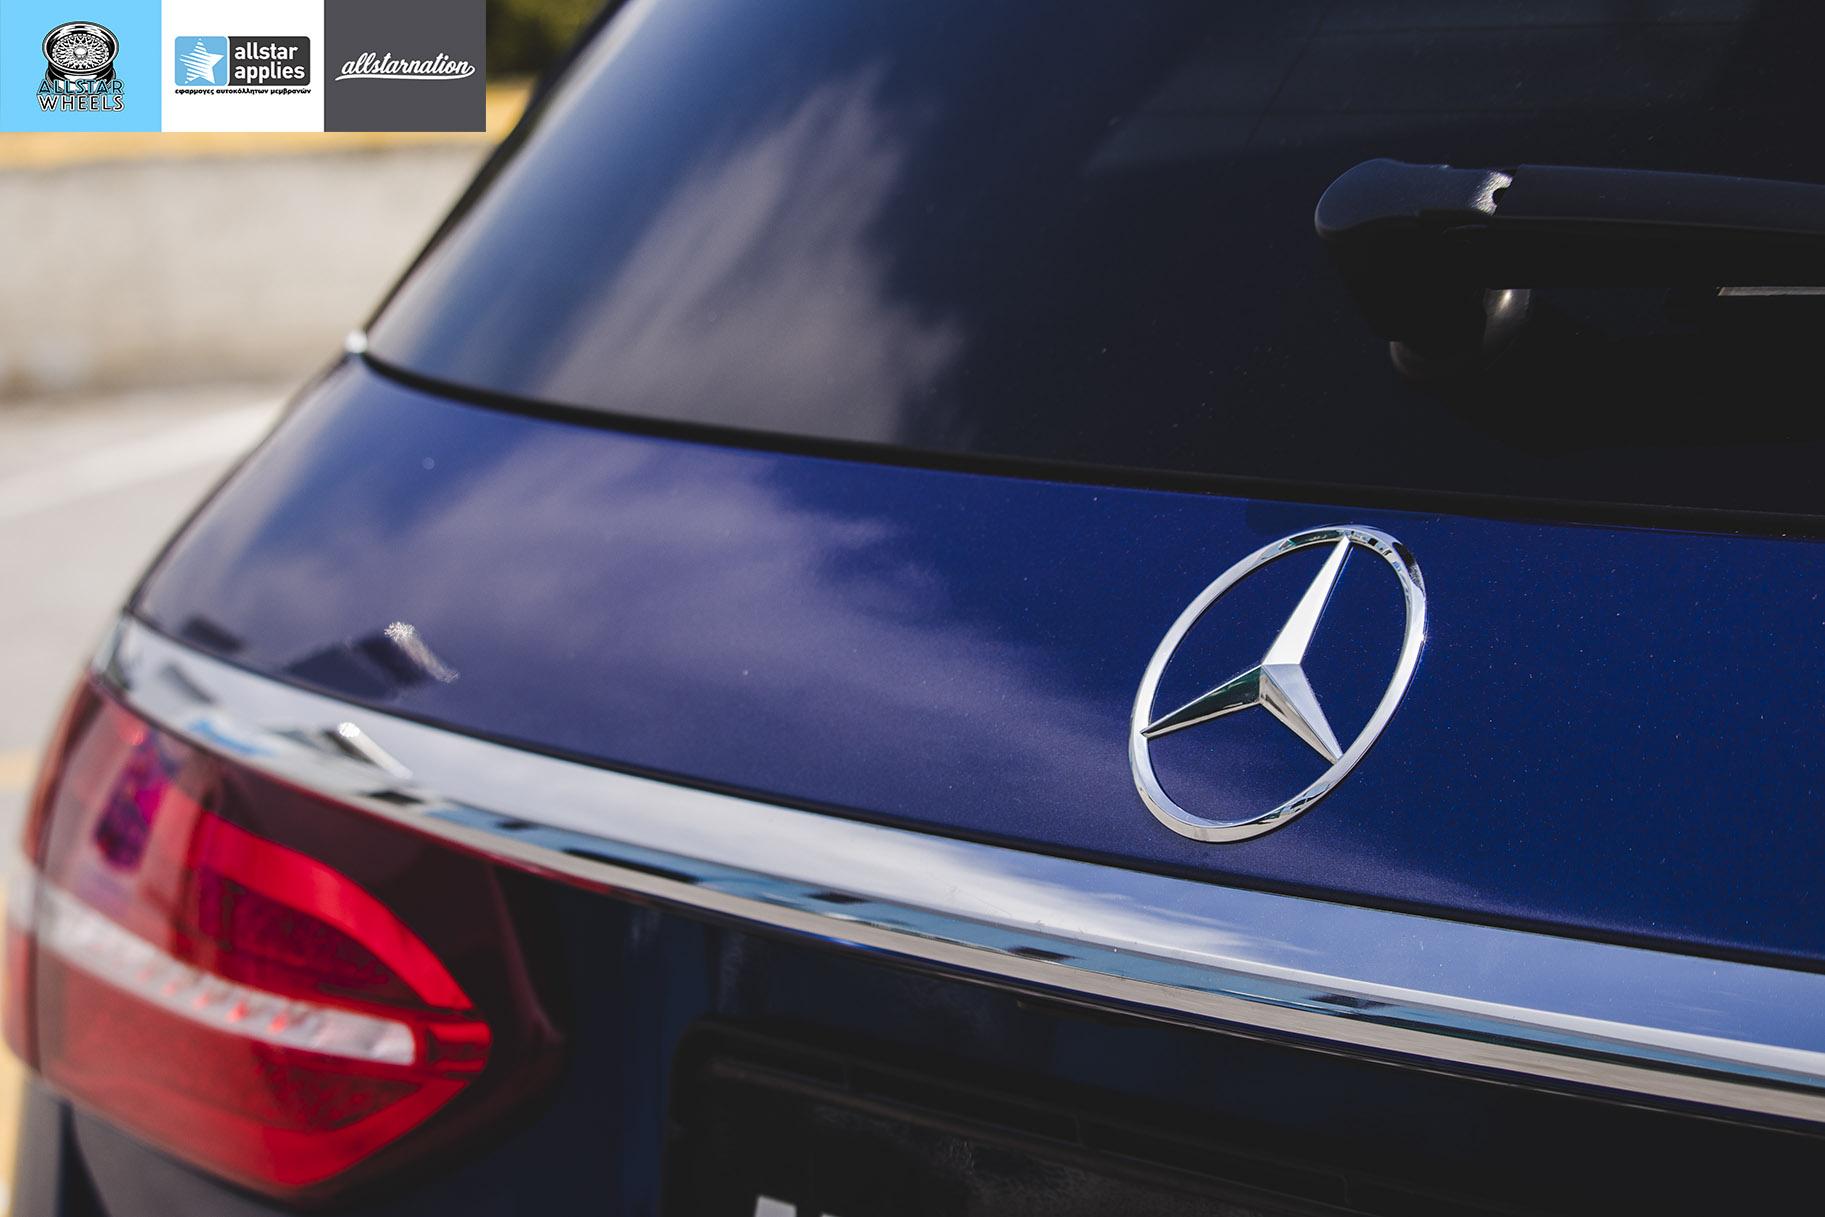 Car Wrapping Mercedes Benz E class AMG | Allstar Applies | Θεσσαλονίκη